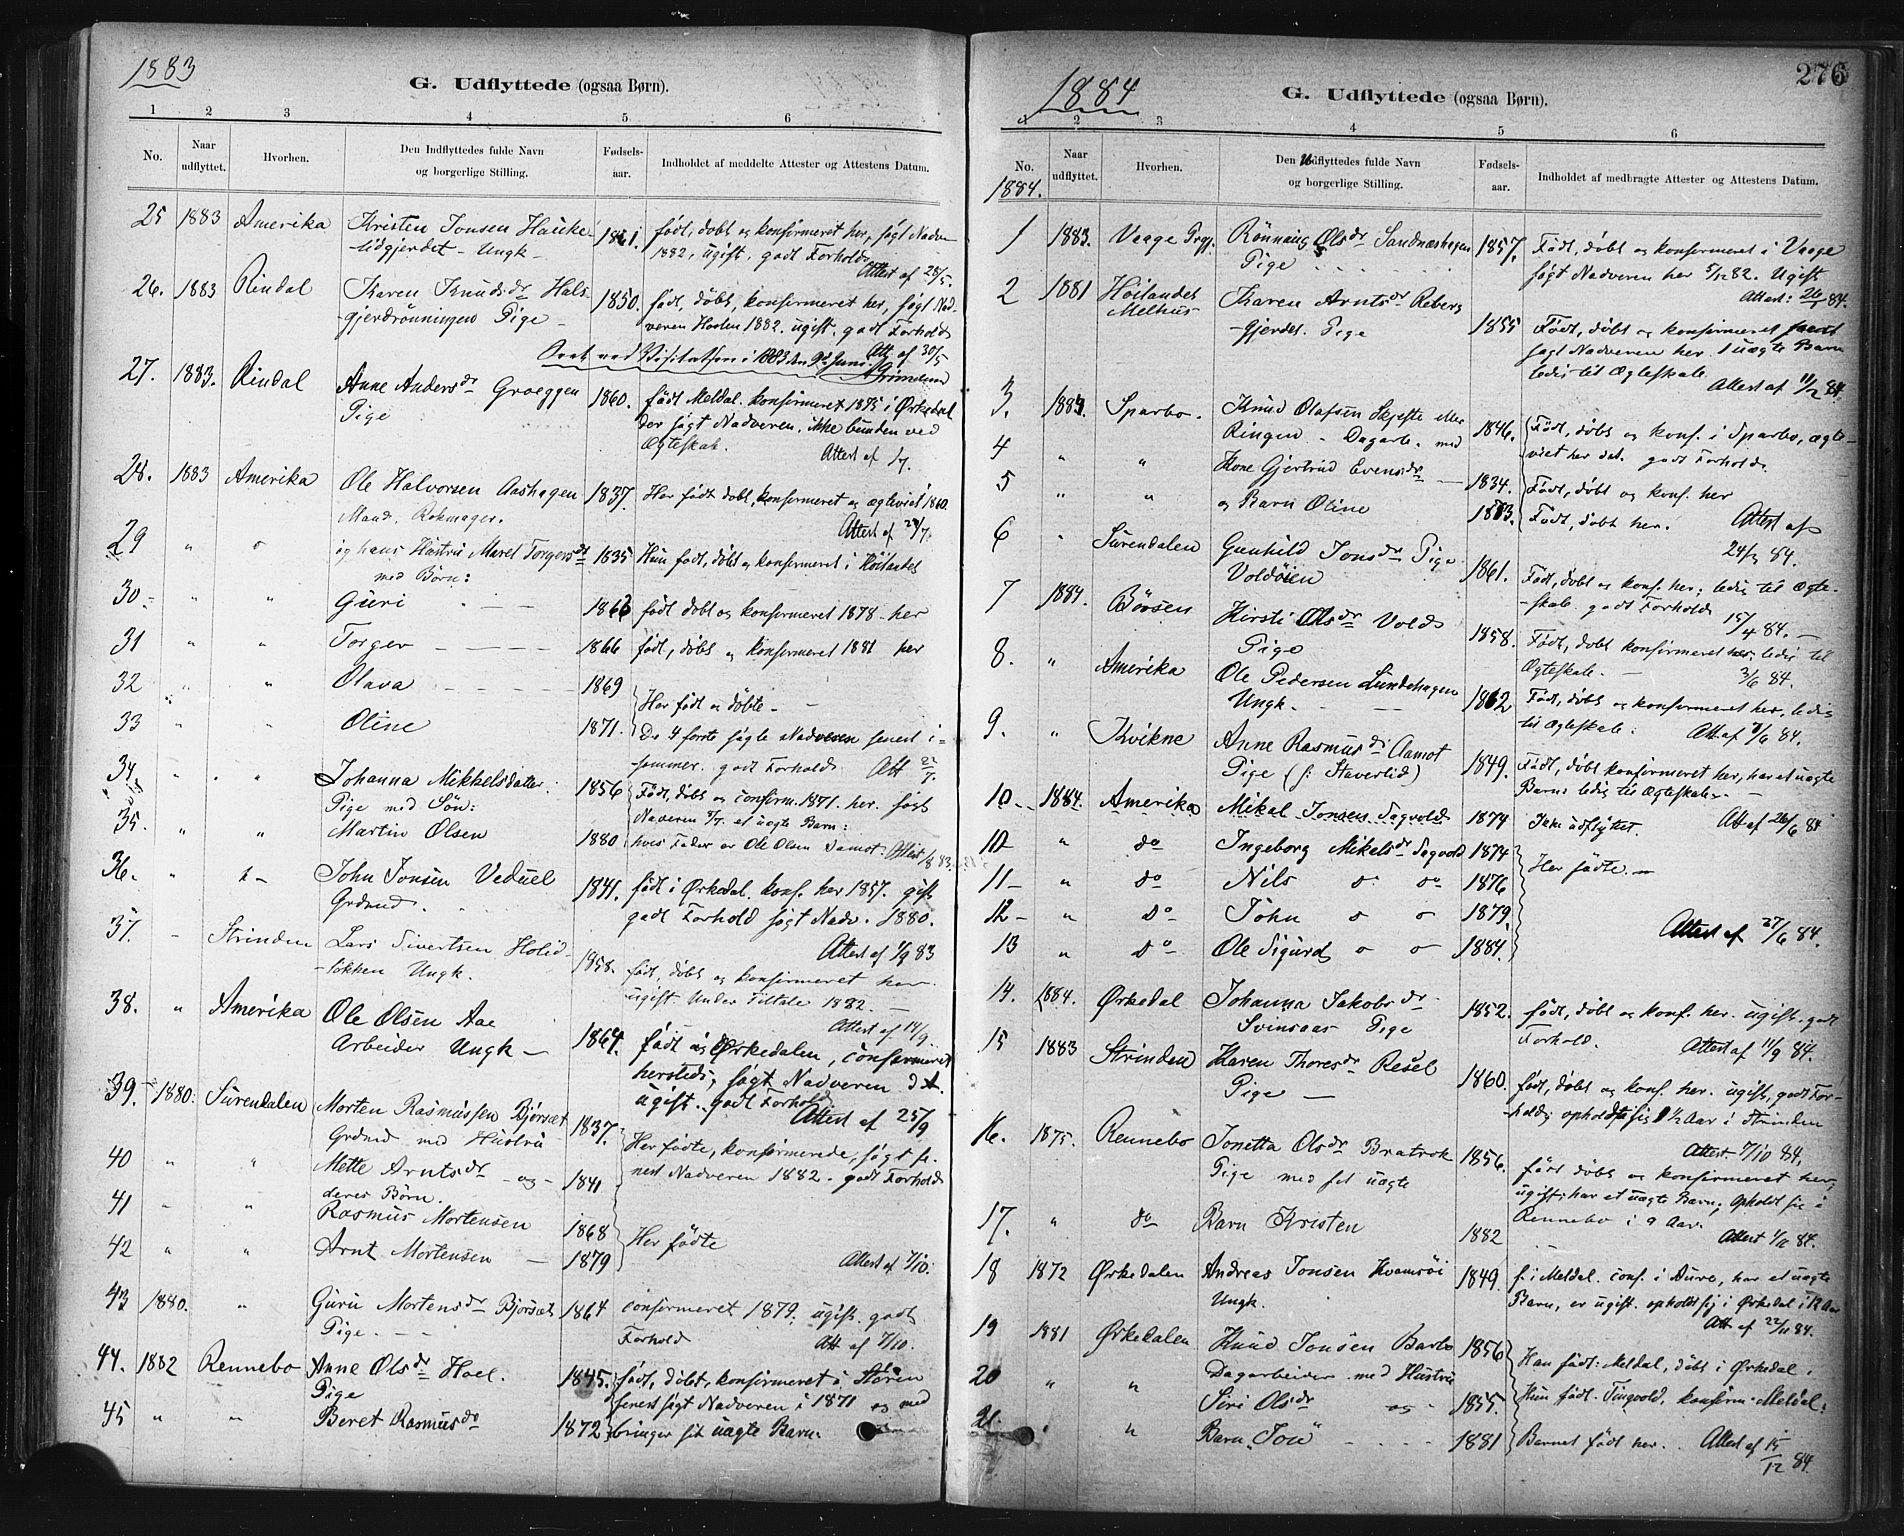 SAT, Ministerialprotokoller, klokkerbøker og fødselsregistre - Sør-Trøndelag, 672/L0857: Ministerialbok nr. 672A09, 1882-1893, s. 276